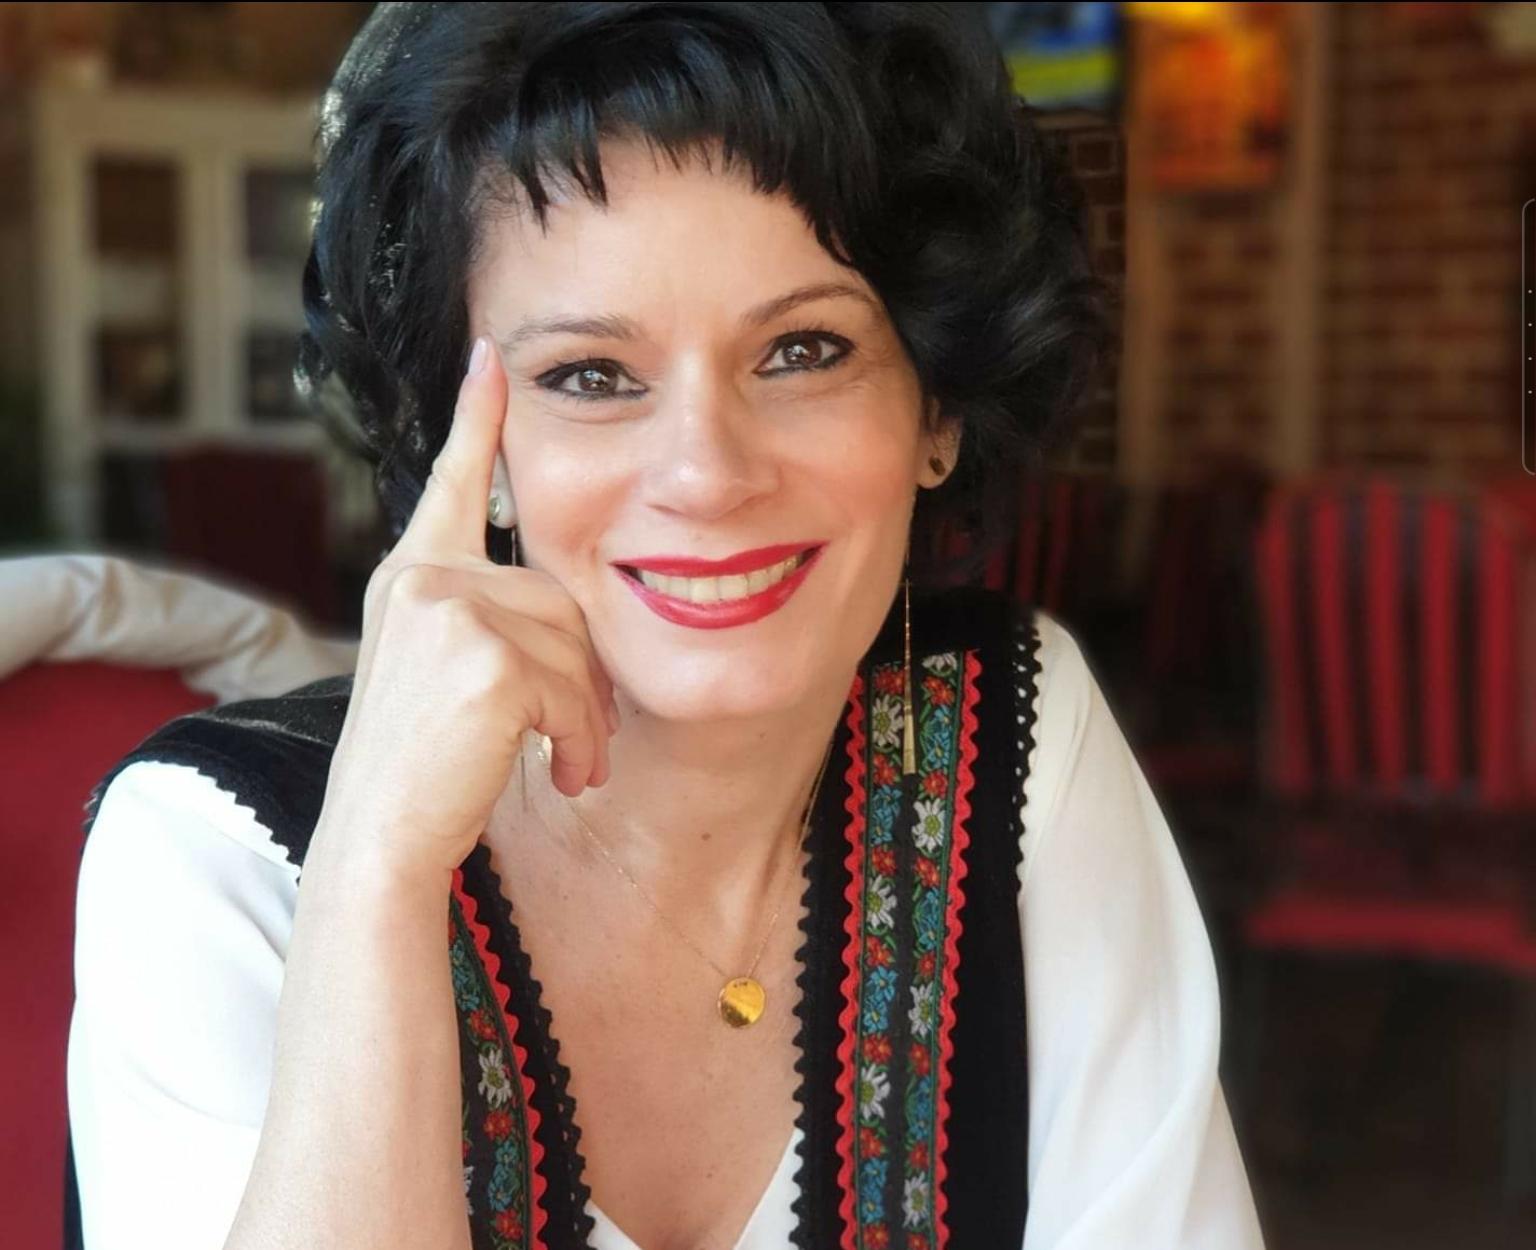 """Ana-Maria Gheorghe, profesor la Liceul Teoretic """"Petru Cercel"""" din Târgoviște, răspunde celor care au criticat-o pentru că a atenționat public elevii care pun filme xxx și manele în cadrul orelor online"""